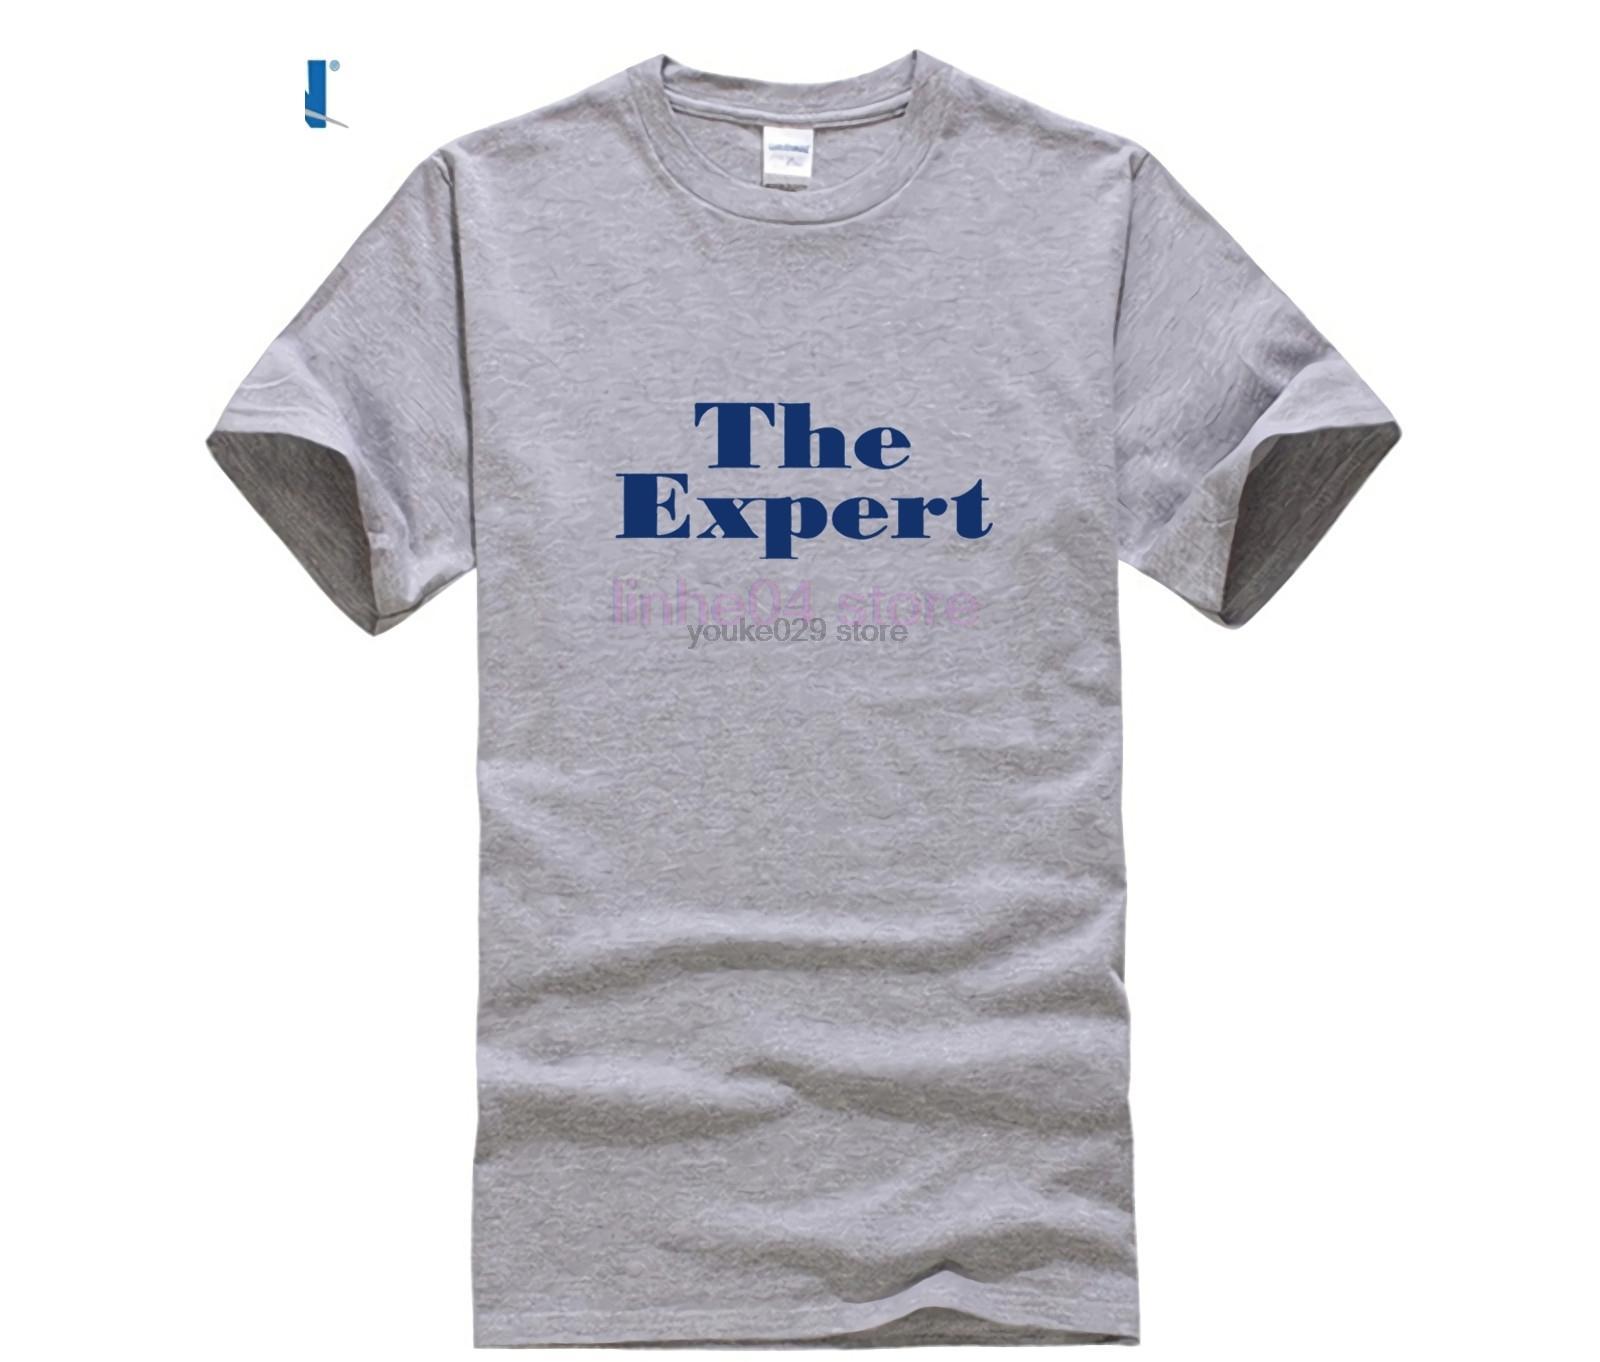 Grosshandel Barron Trump T Shirts Manner Sommermode Der Experte Druck